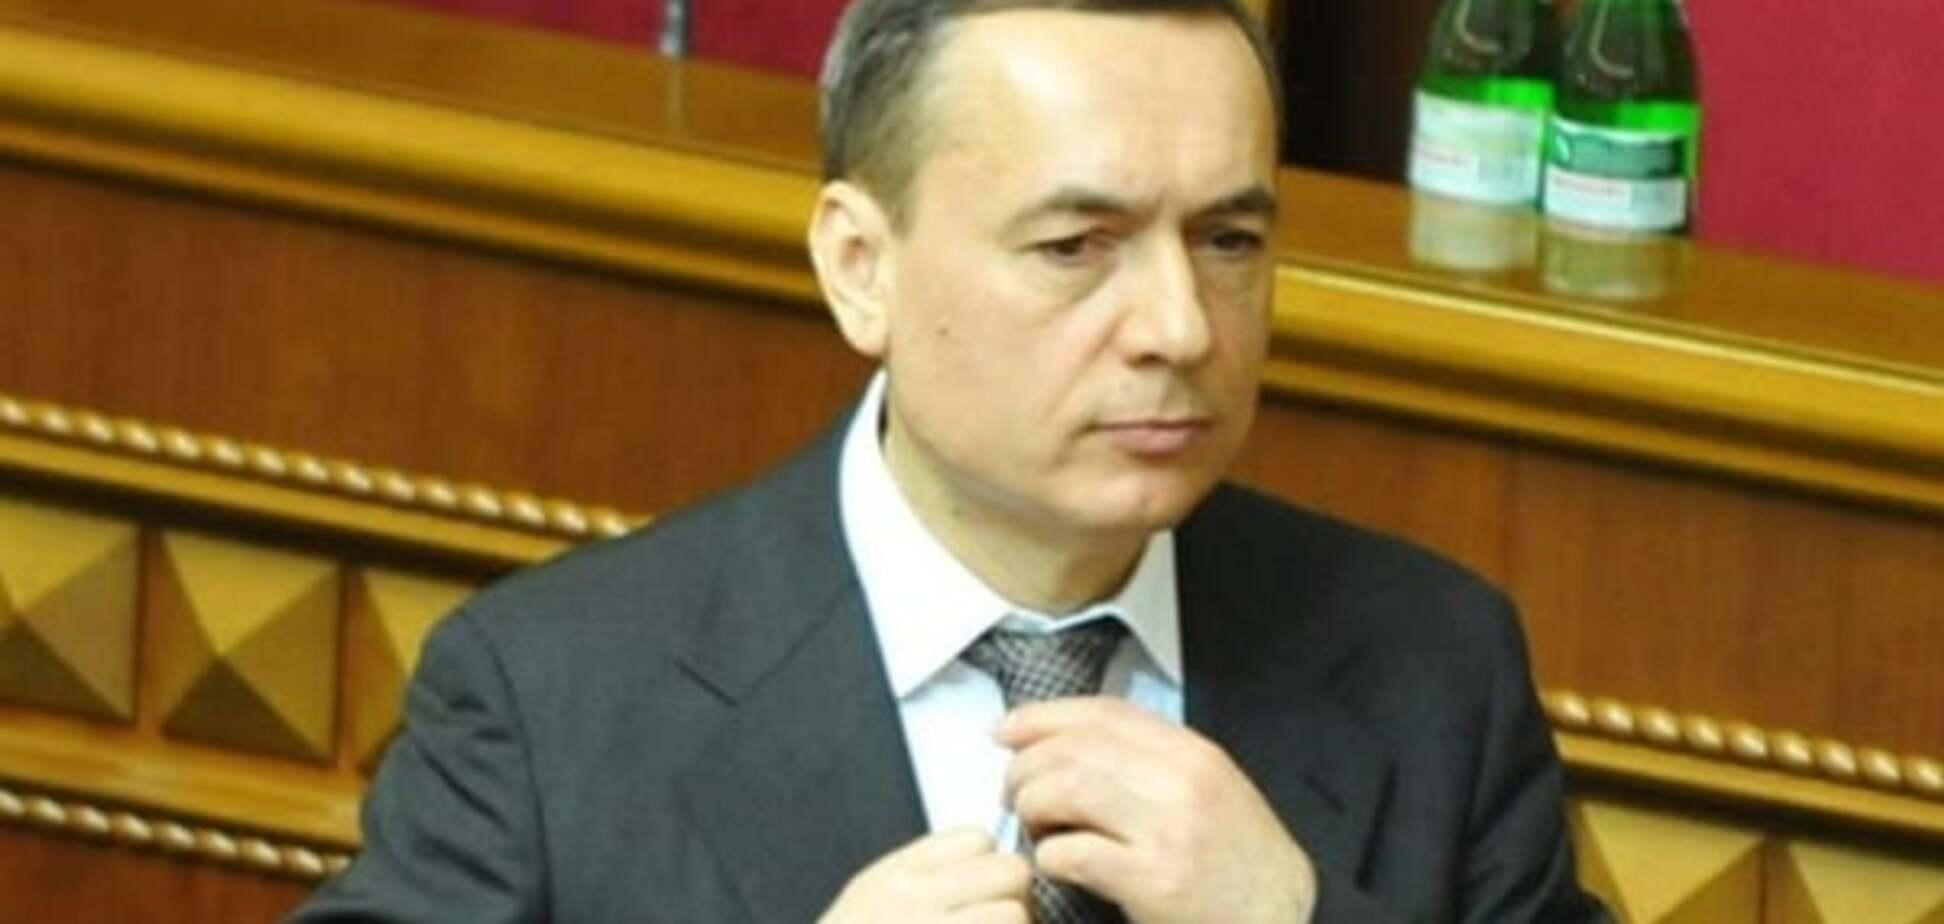 Чехія попросила в України юридичну допомогу в справі Мартиненка: опублікований документ